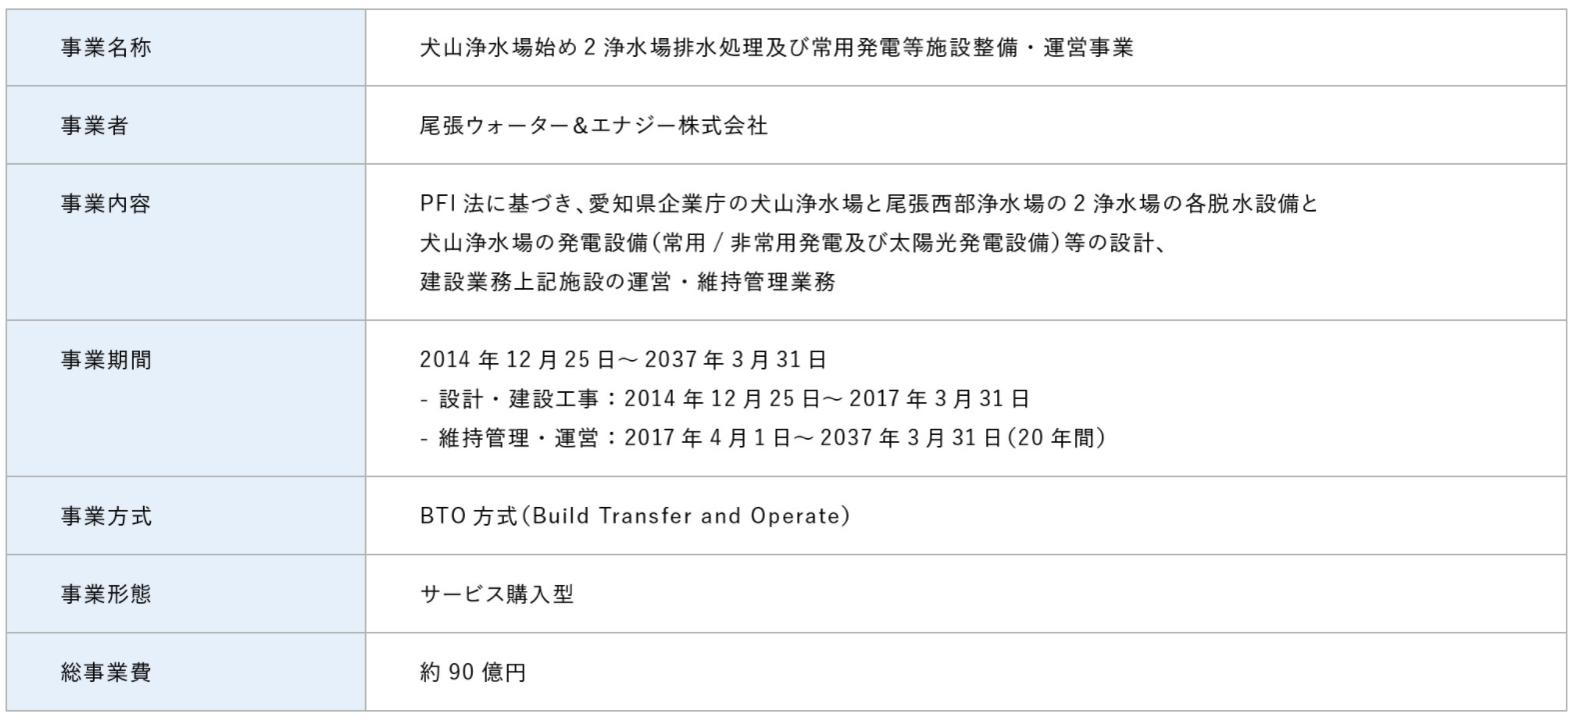 8_浄水場におけるPFI事業2